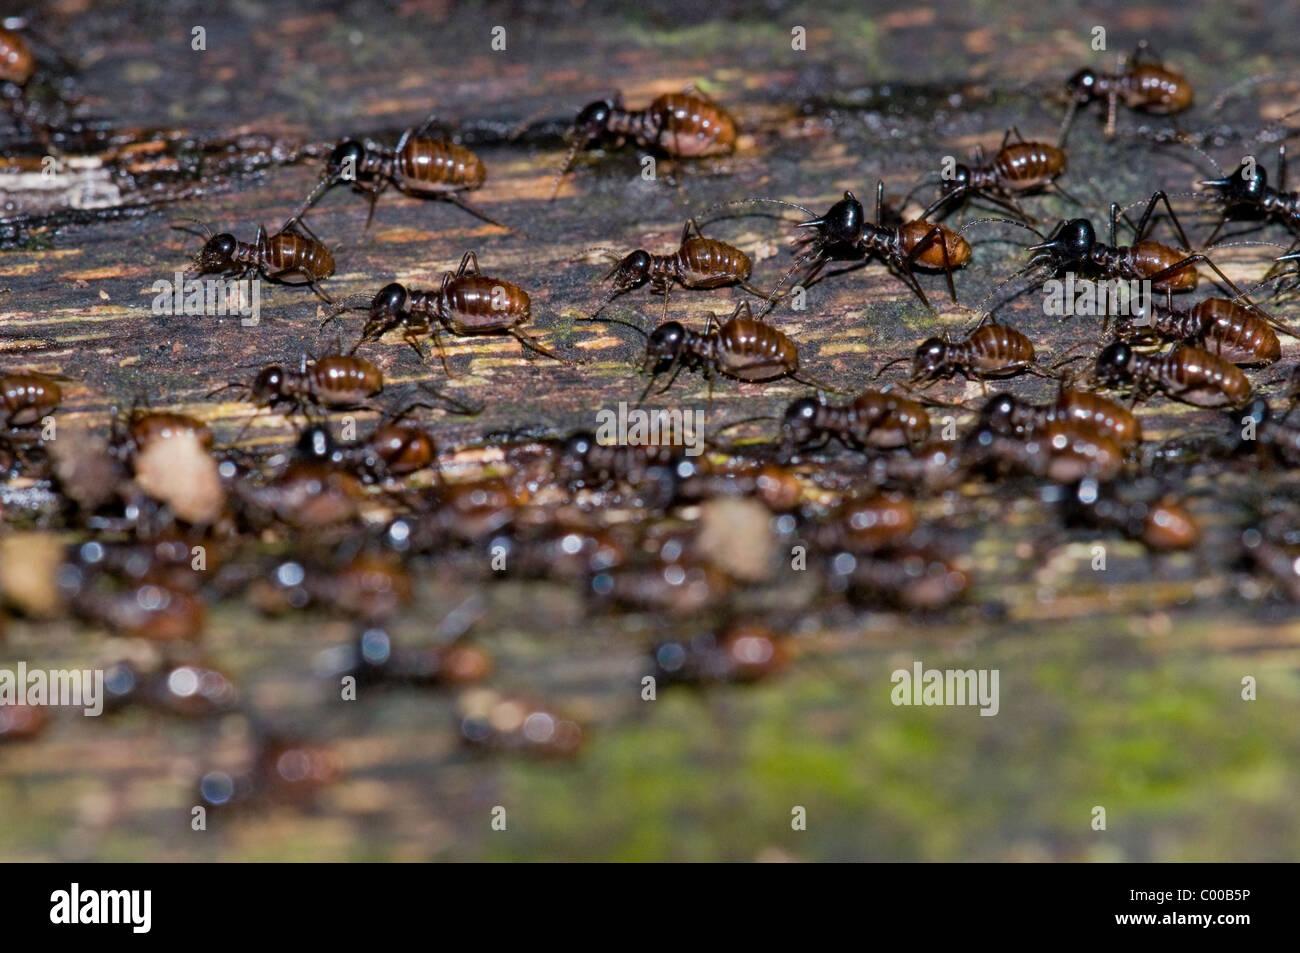 termiten isoptera termites tanjung puting nationalpark borneo indonesien indonesia